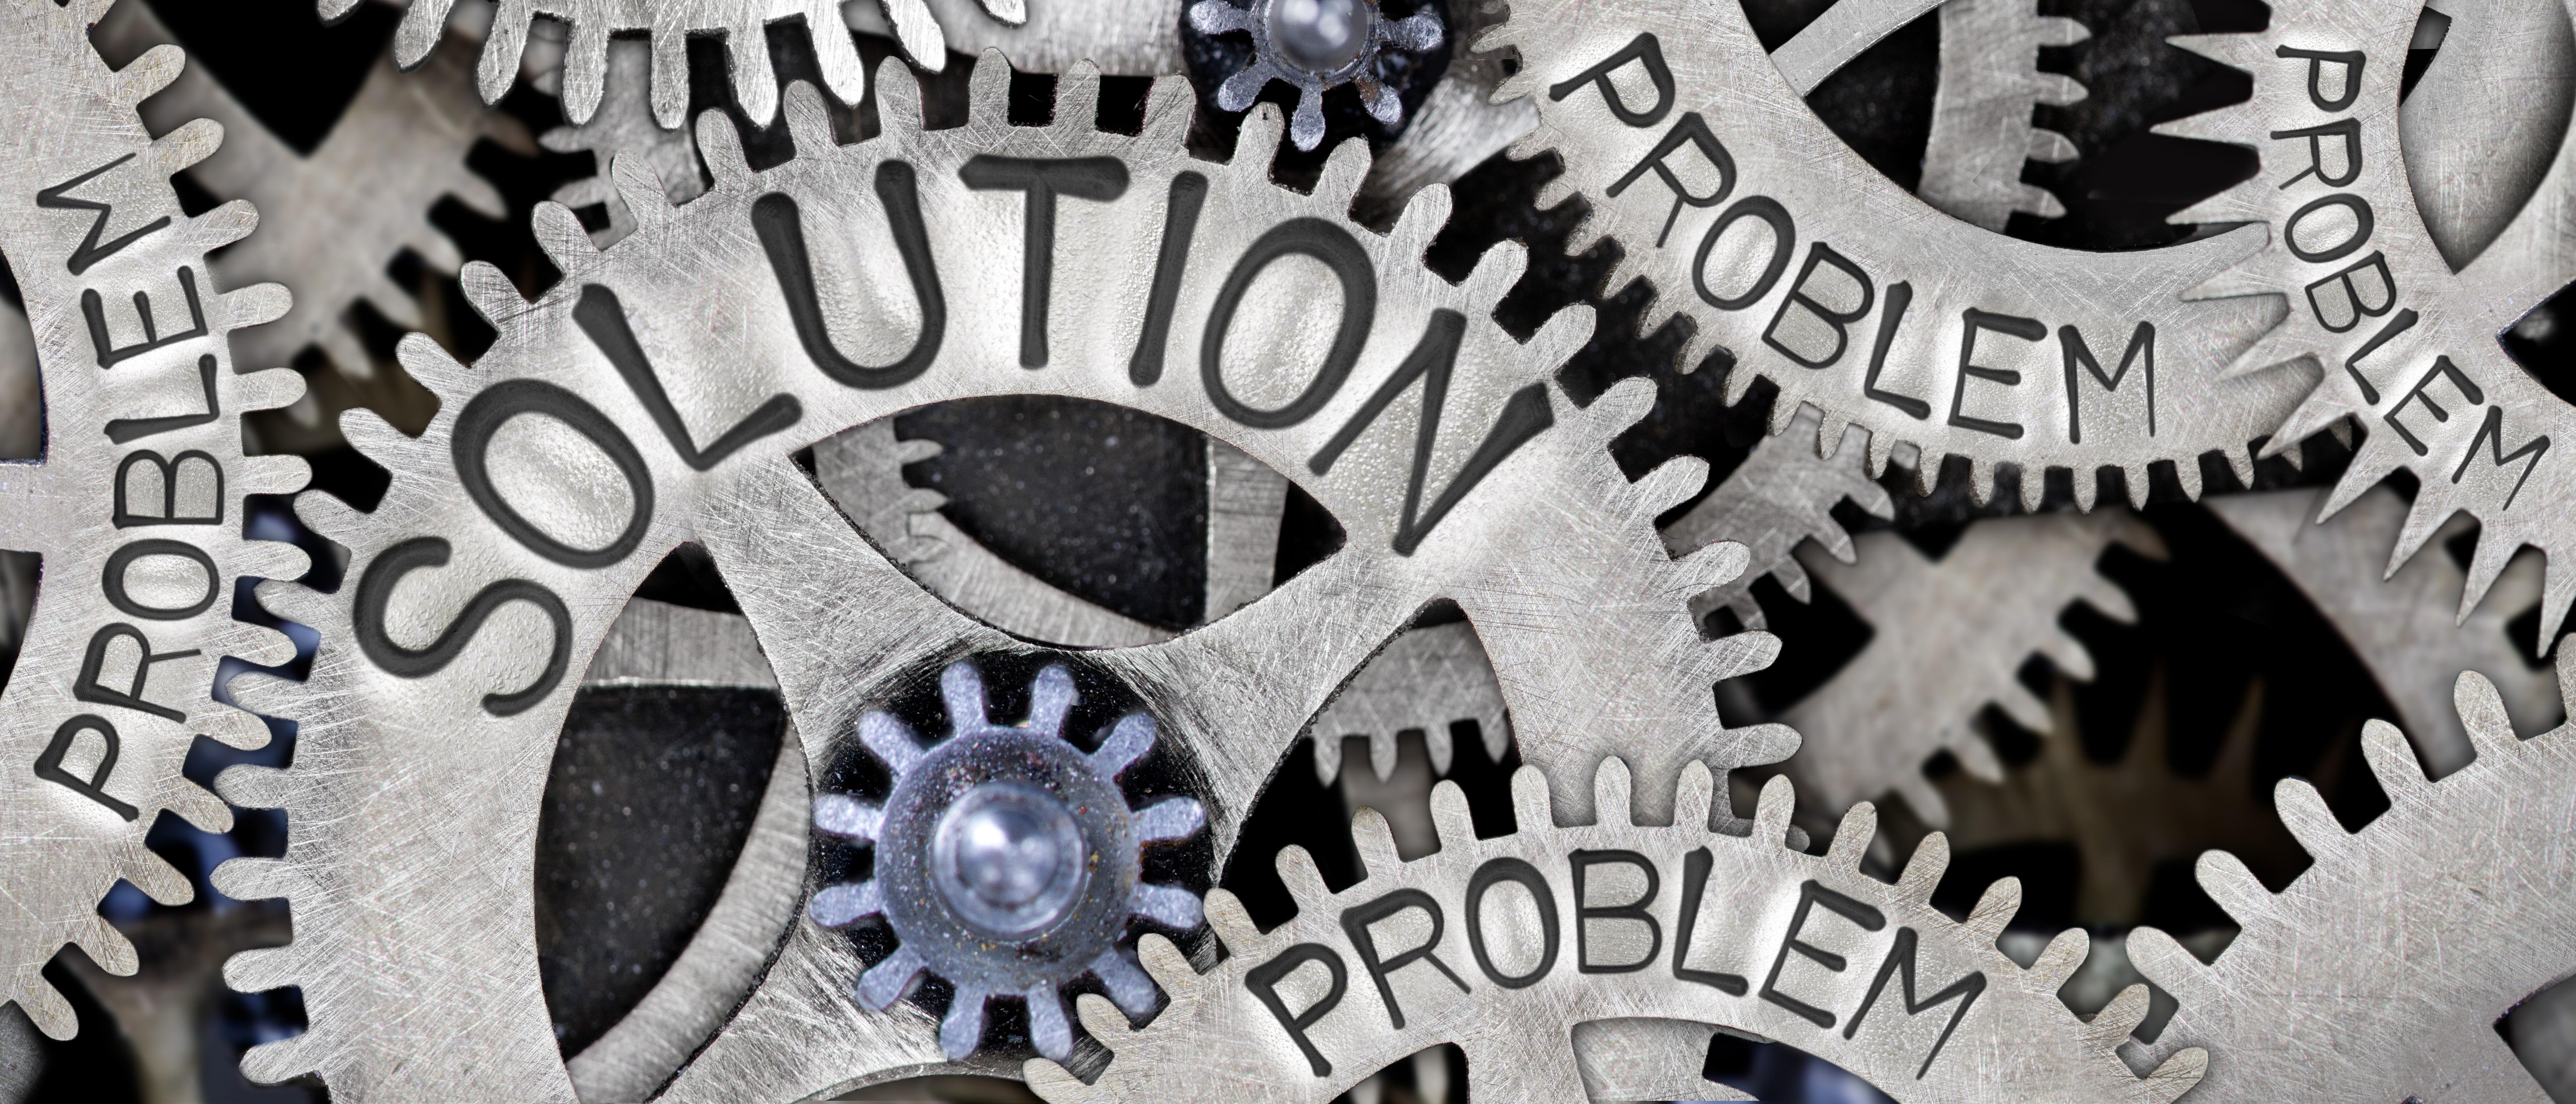 伝統のビジネススキルは現場に生かすことができるか   問題と感情を分けて考える?